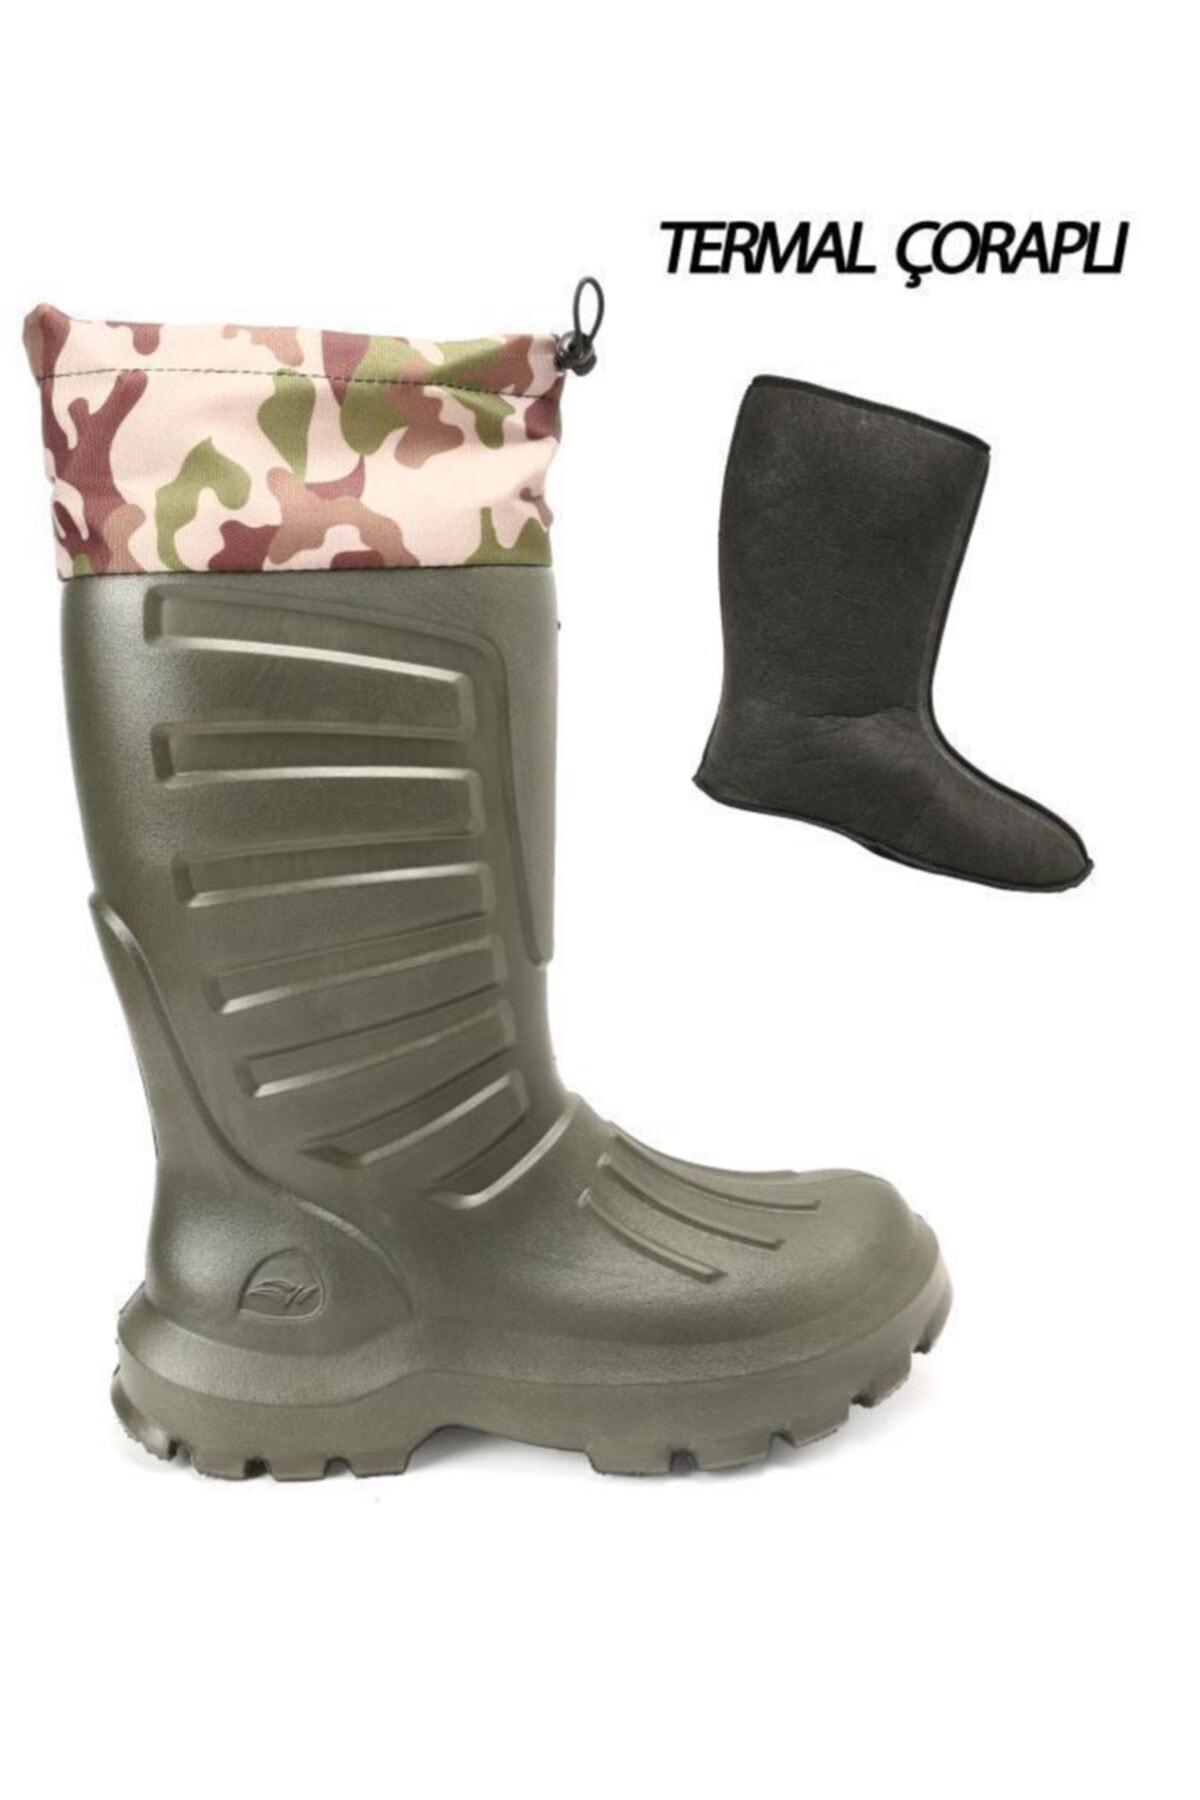 Ayakkabı Çarşı Yeşil Hafif Termal Çoraplı Yağmurluk Erkek Çizme 1